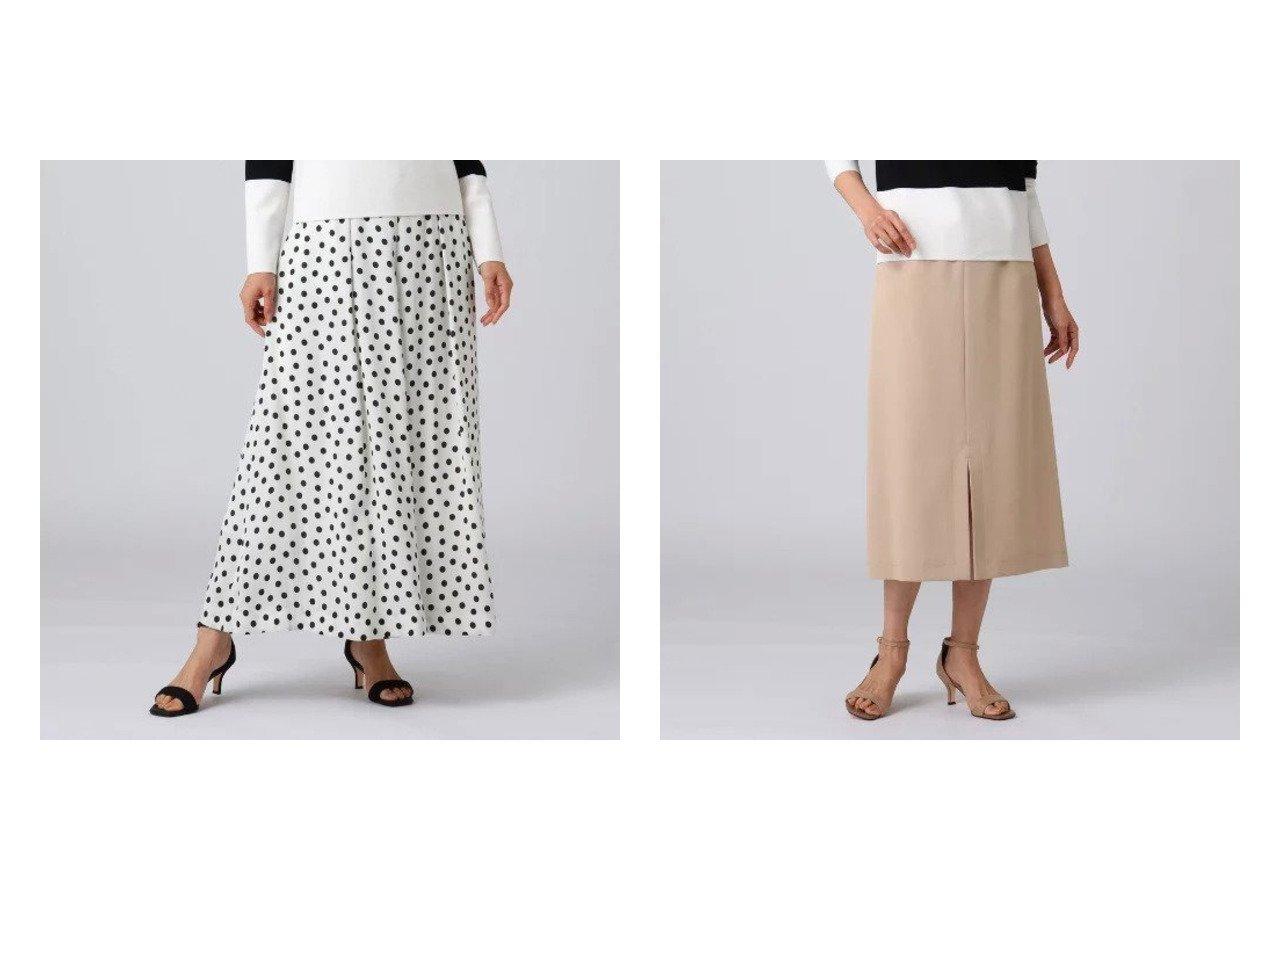 【UNTITLED/アンタイトル】のプランタンバックサテンフレアパンツ&トゥッティーツイルペンシルスカート UNTITLEDのおすすめ!人気、トレンド・レディースファッションの通販 おすすめで人気の流行・トレンド、ファッションの通販商品 メンズファッション・キッズファッション・インテリア・家具・レディースファッション・服の通販 founy(ファニー) https://founy.com/ ファッション Fashion レディースファッション WOMEN パンツ Pants バッグ Bag スカート Skirt インナー サテン ドット フレア プリント ポケット マキシ モチーフ リボン スリット センター ツイル パウダー ペンシル 春 Spring |ID:crp329100000019965